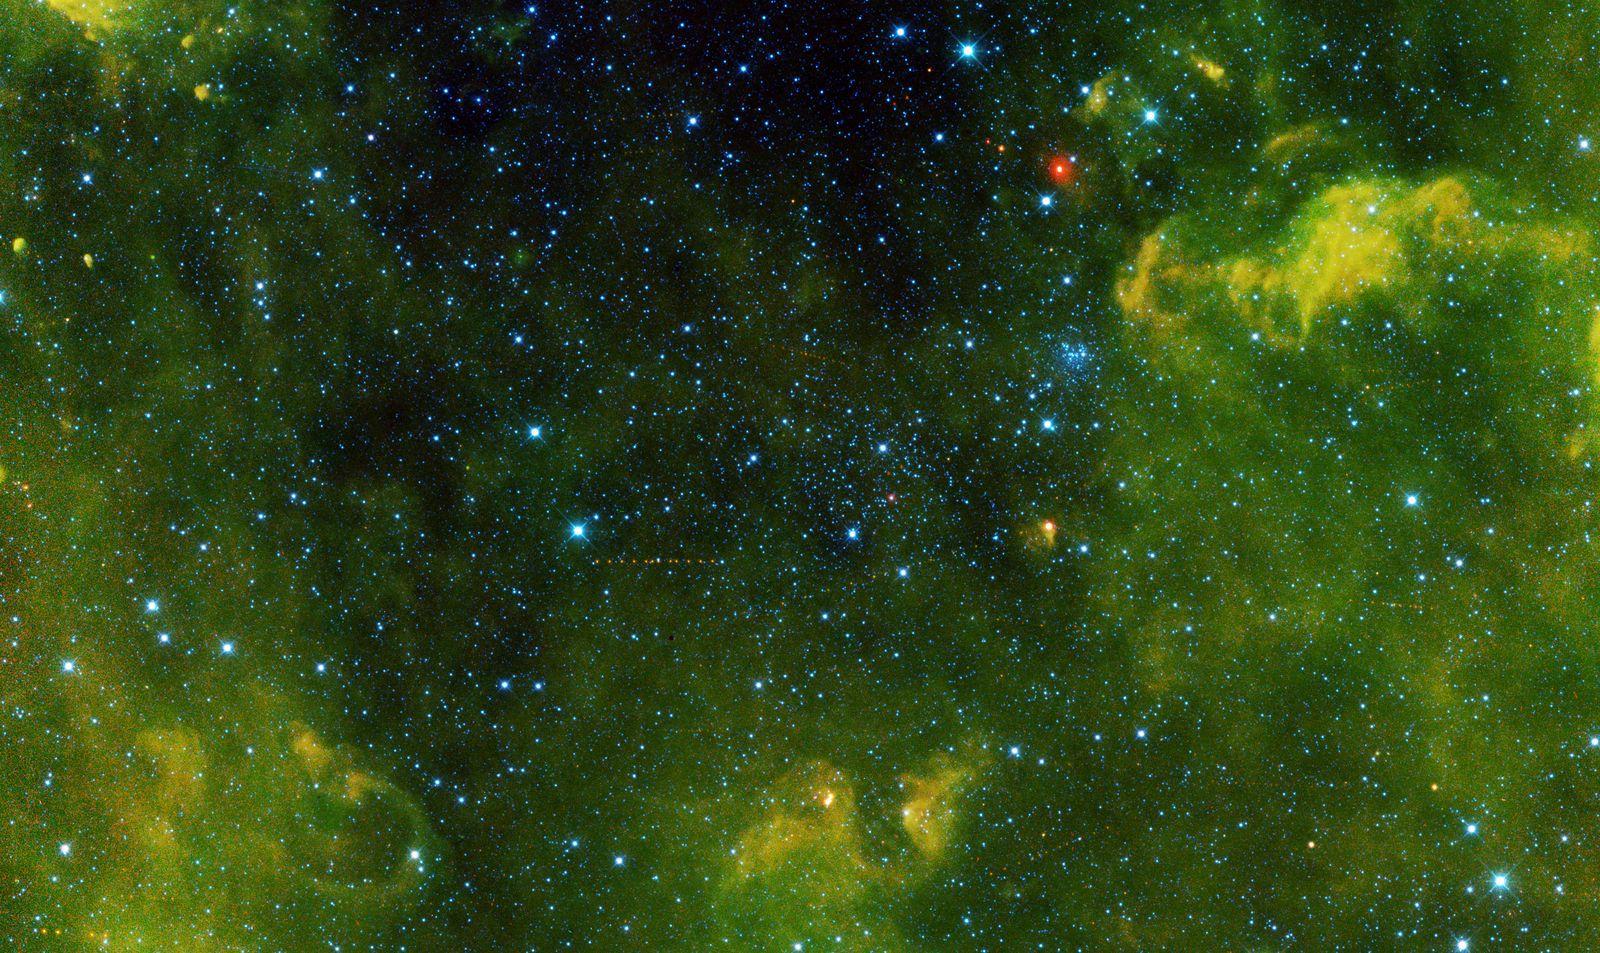 NEOWISE празднует окончание первого месяца работы после выхода из спячки